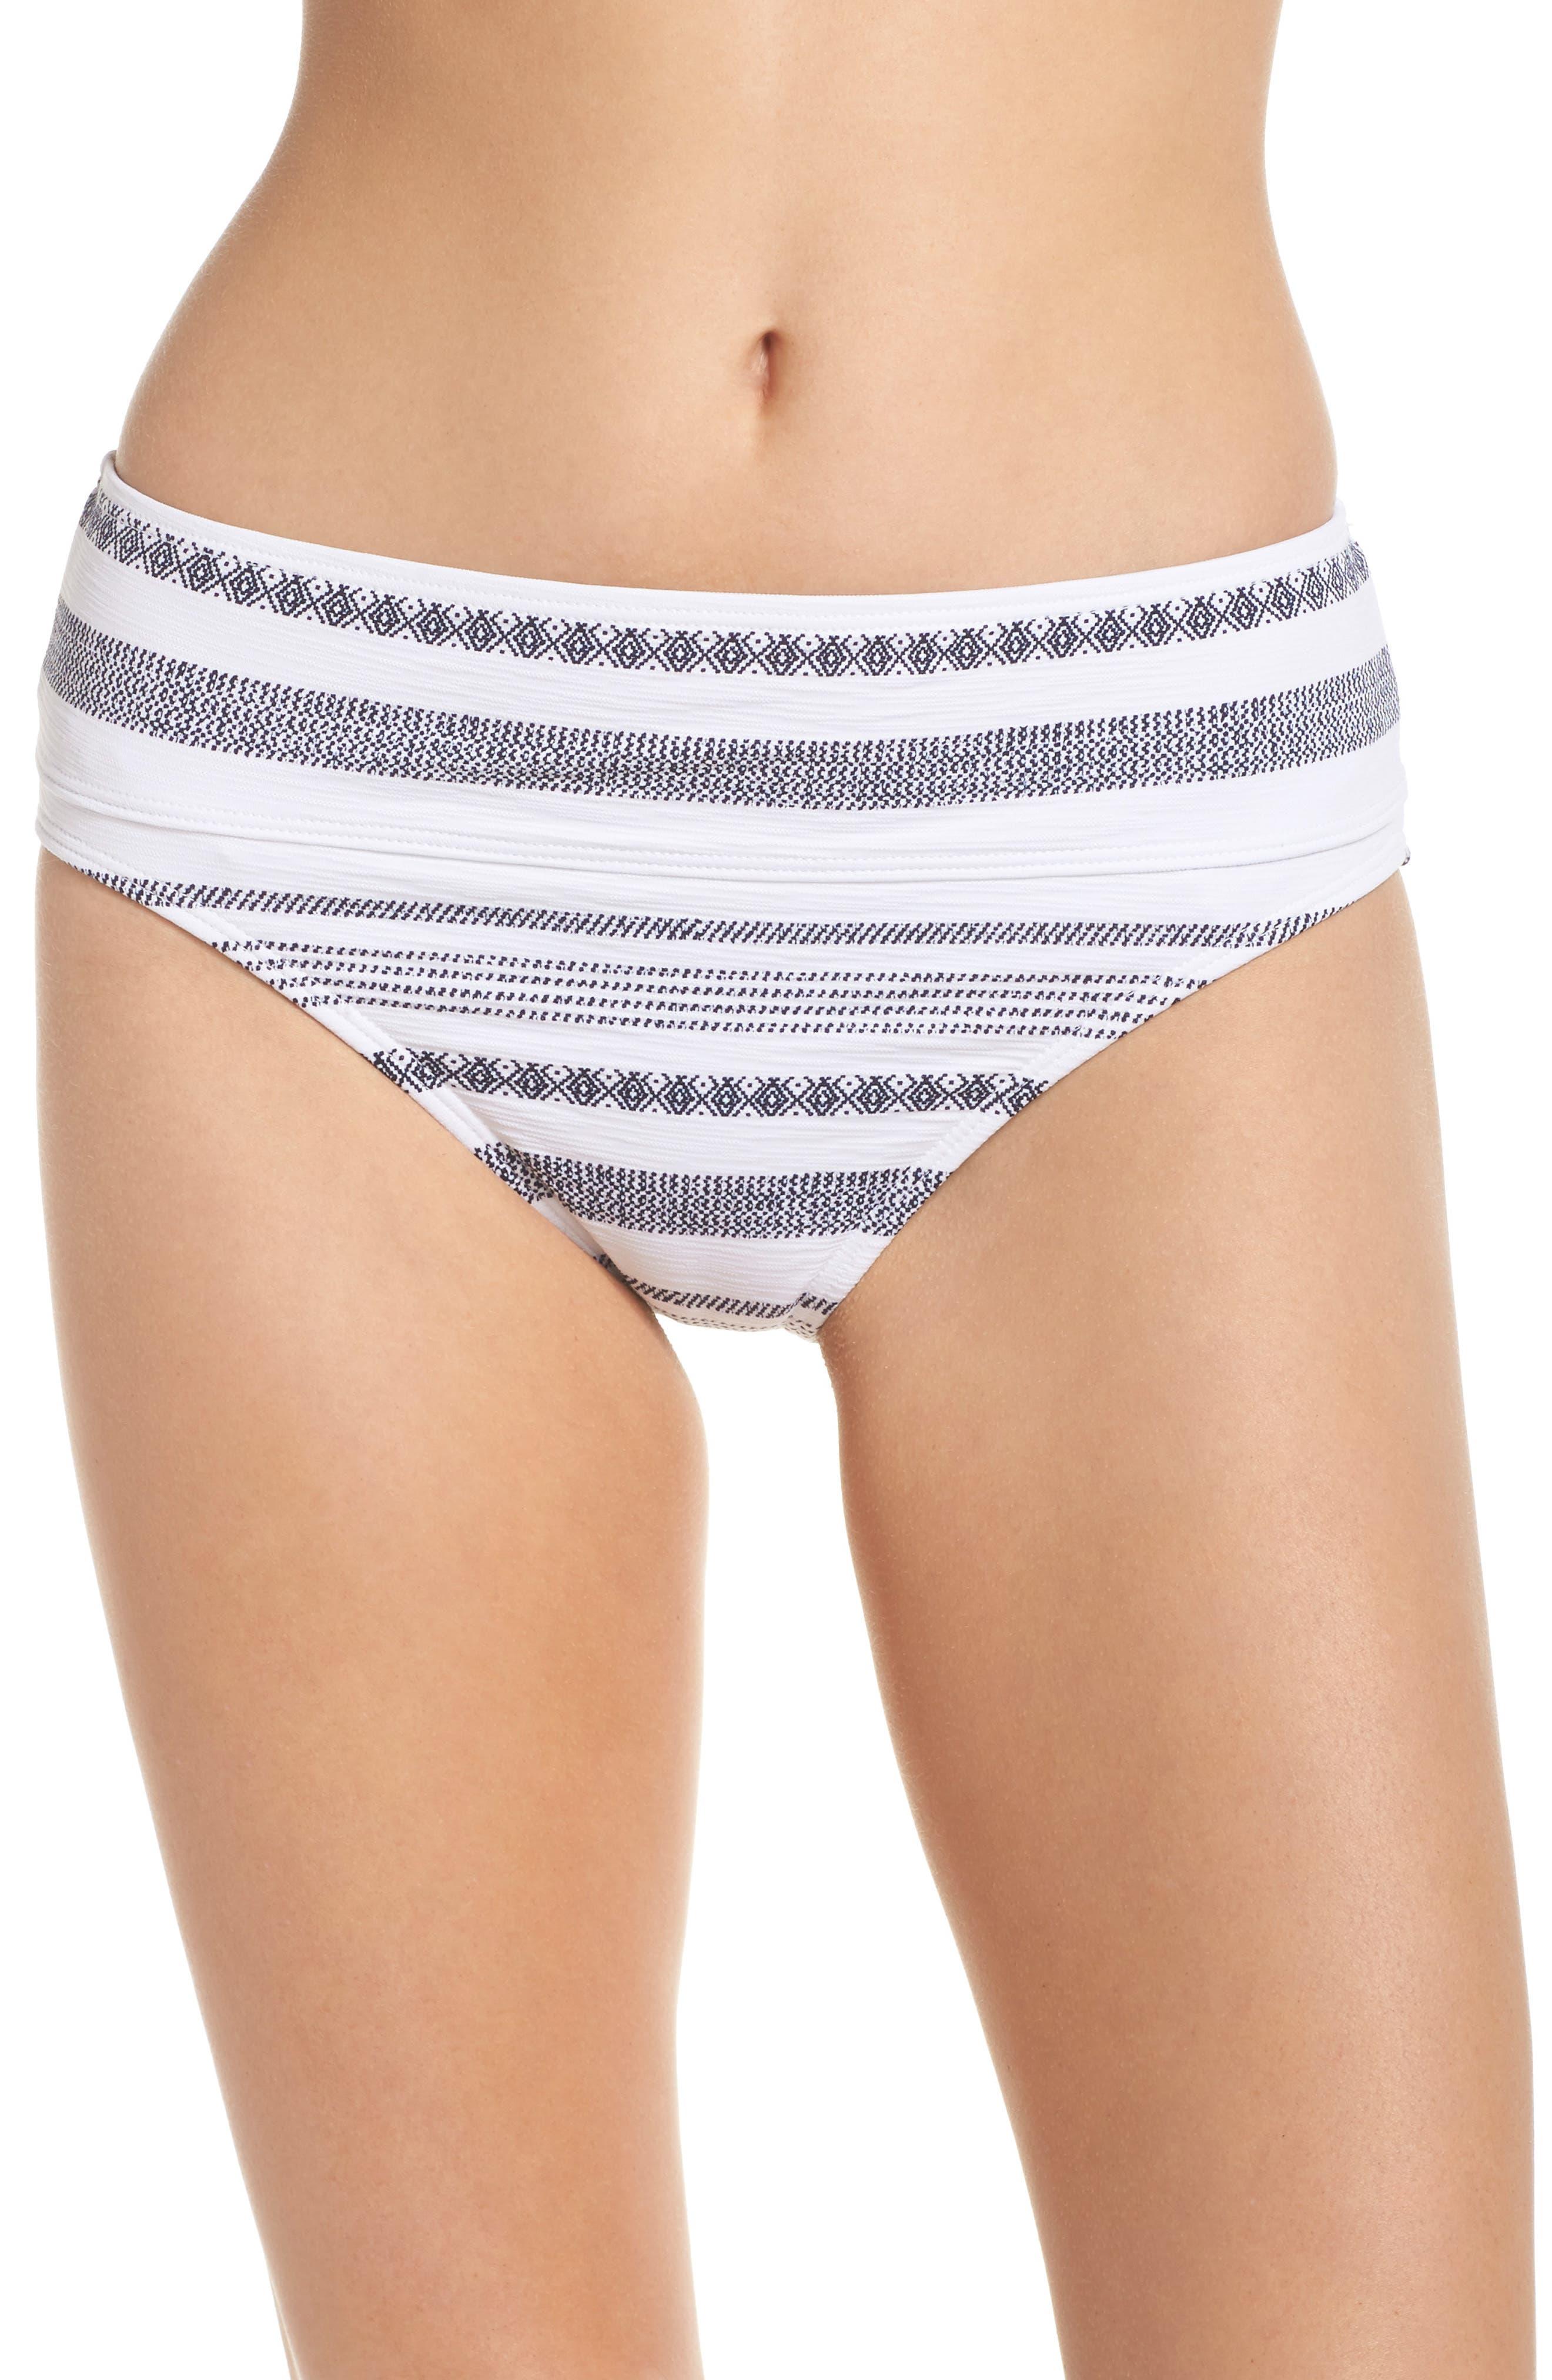 Sand Bar High Waist Bikini Bottoms,                         Main,                         color, White